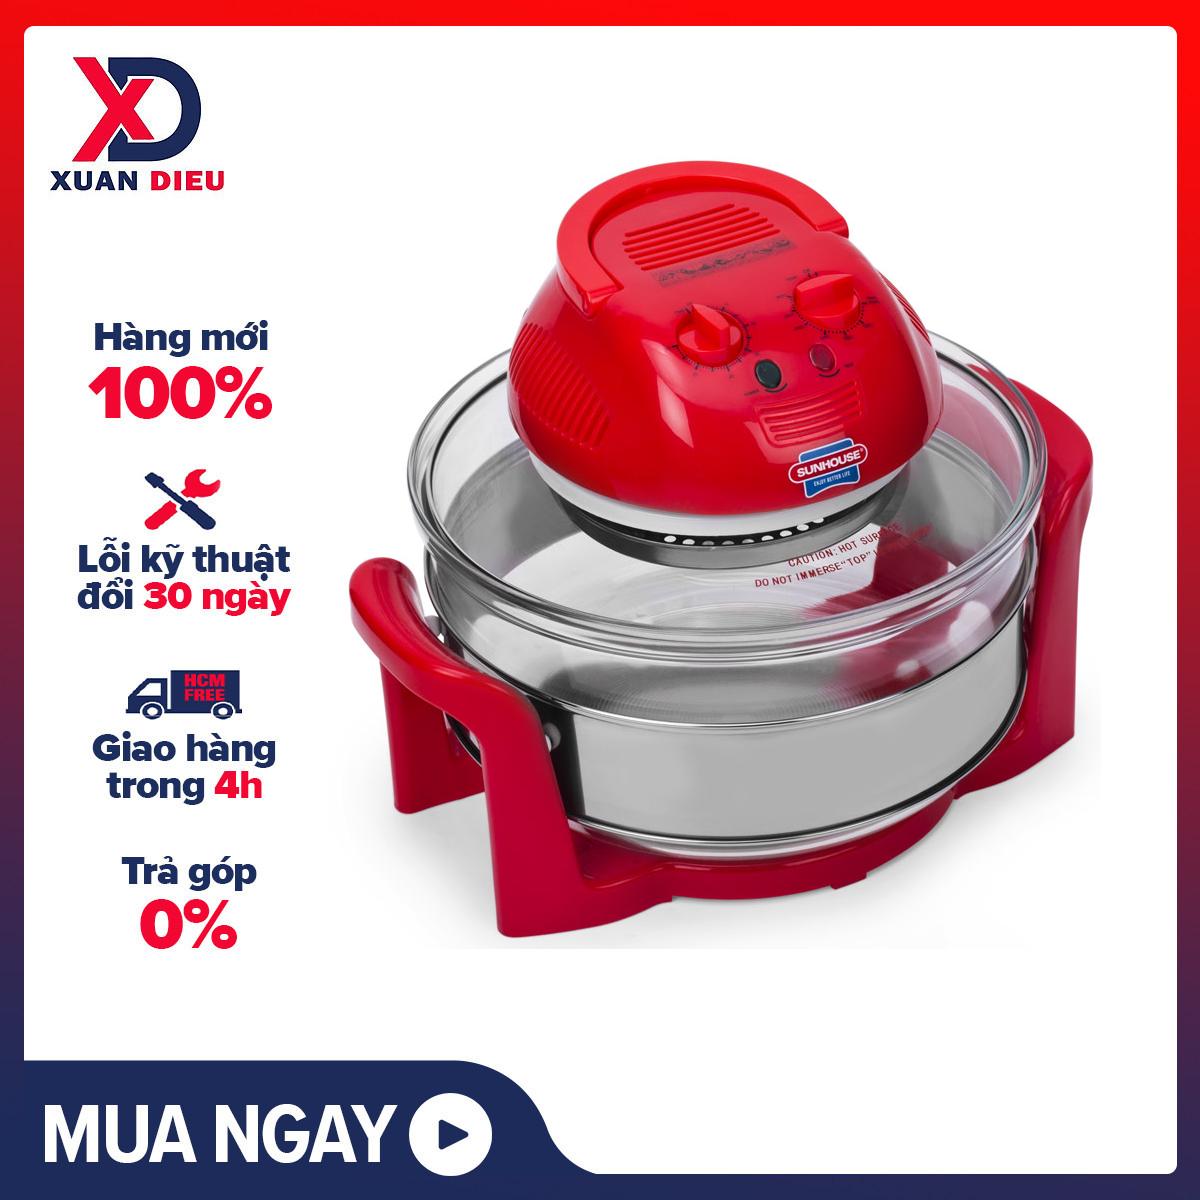 Lò nướng thủy tinh SUNHOUSE SH410 đỏ - Nồi nướng bằng thủy tinh chịu nhiệt, có thể tháo rời, dễ dàng vệ sinh.Công nghệ nước Halogen kết hợp quạt đối lưu giúp thức ăn chín đều, nhanh Hẹn giờ & Điều chỉnh nhiệt độ